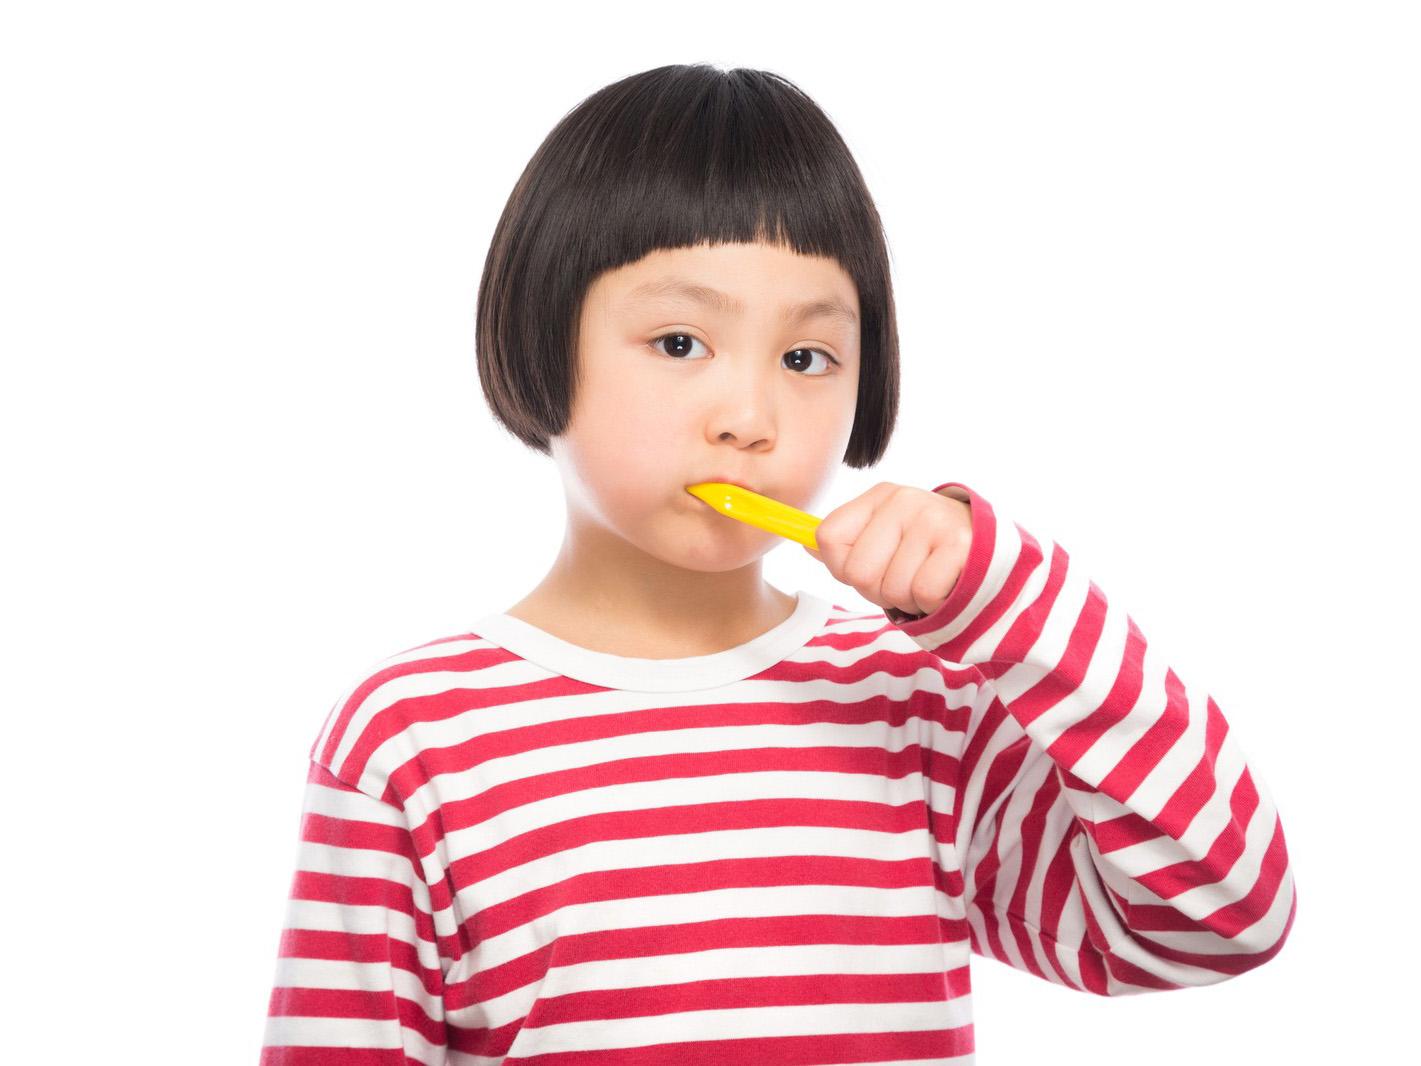 1日3回毎食後、歯を磨いている人の割合は